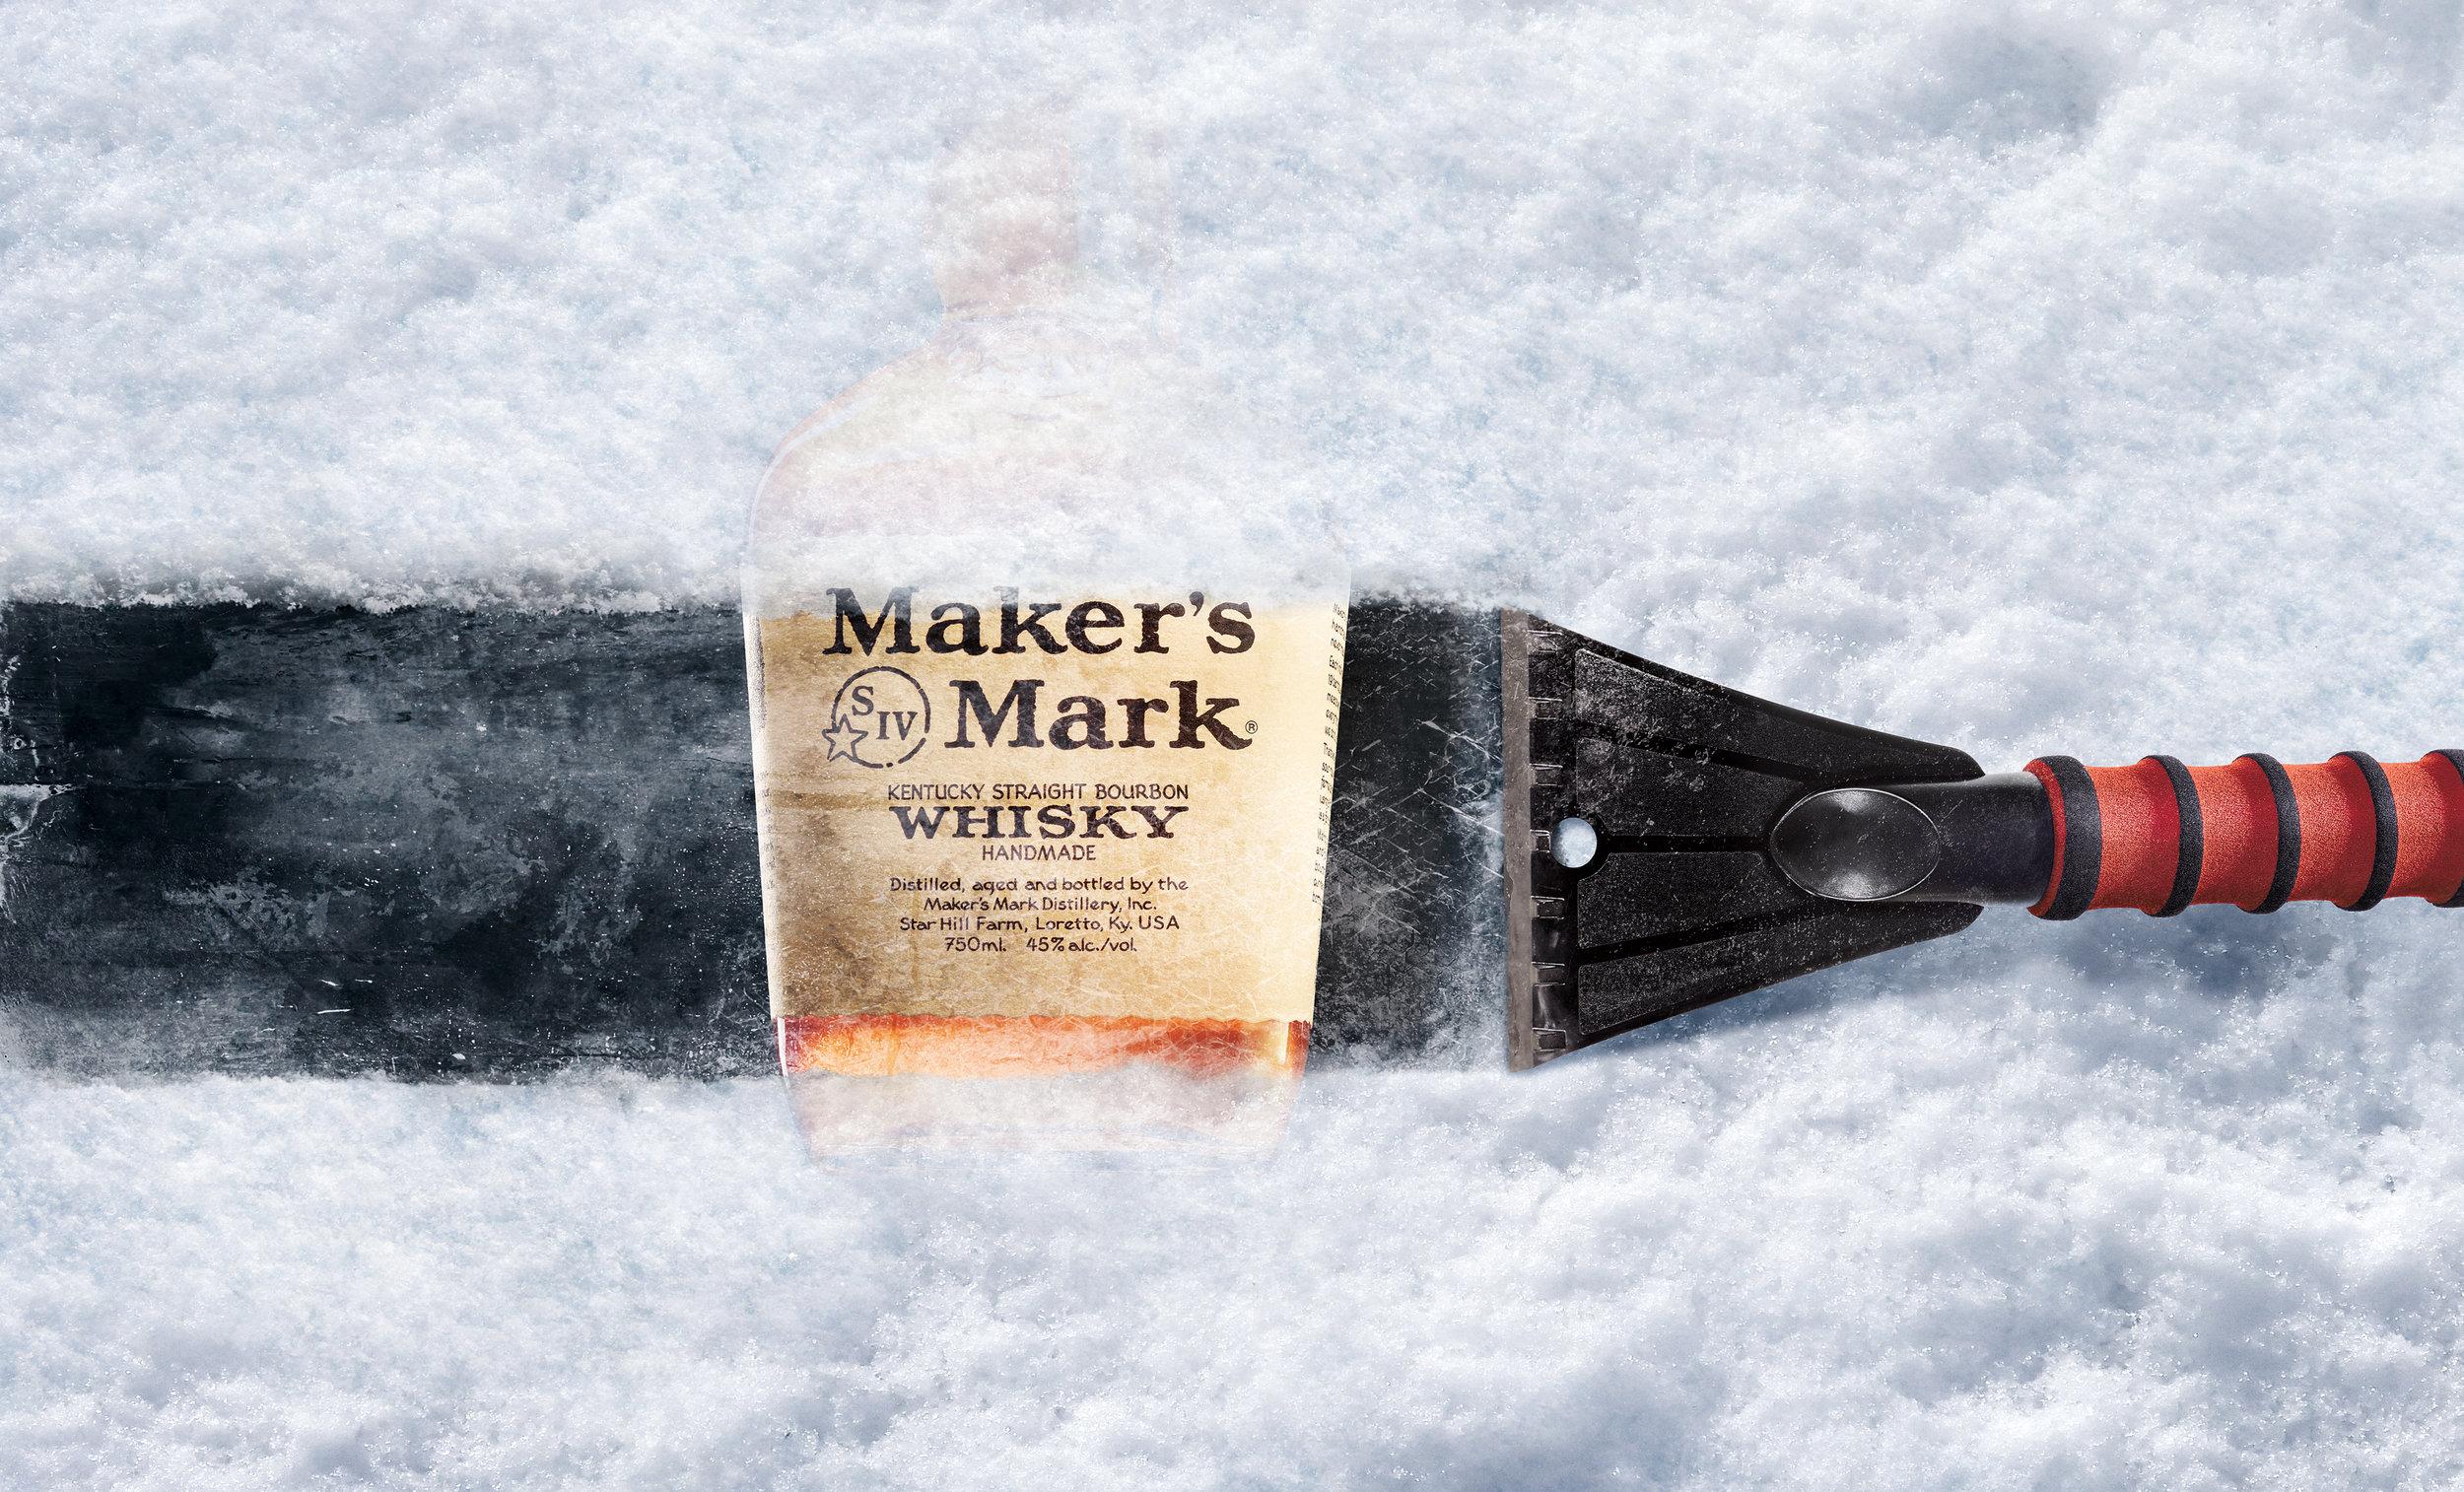 makersmark_icescraper.jpg